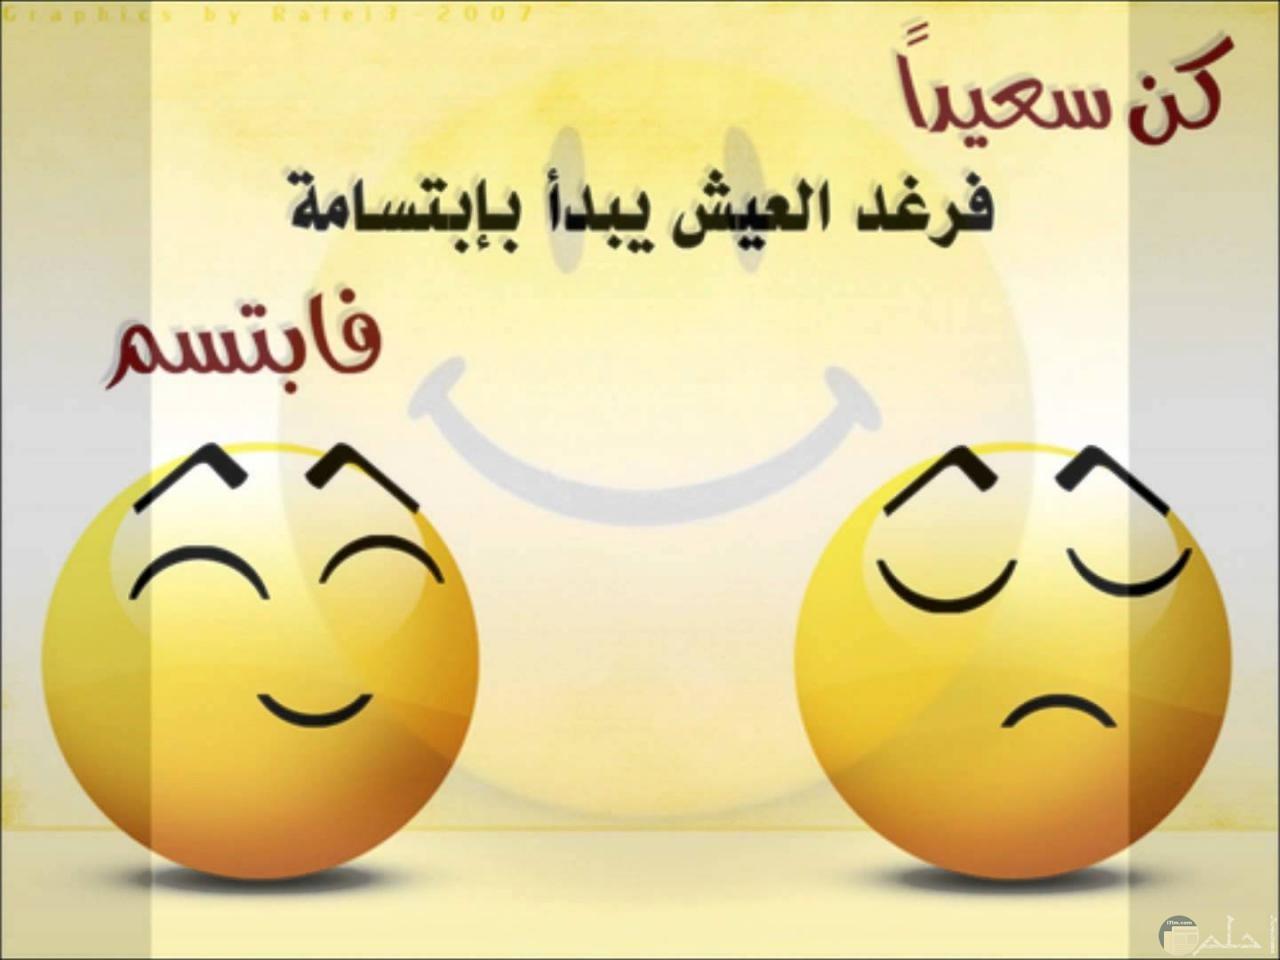 كن سعيدا فرغد العيش يبدأ بإبتسامة